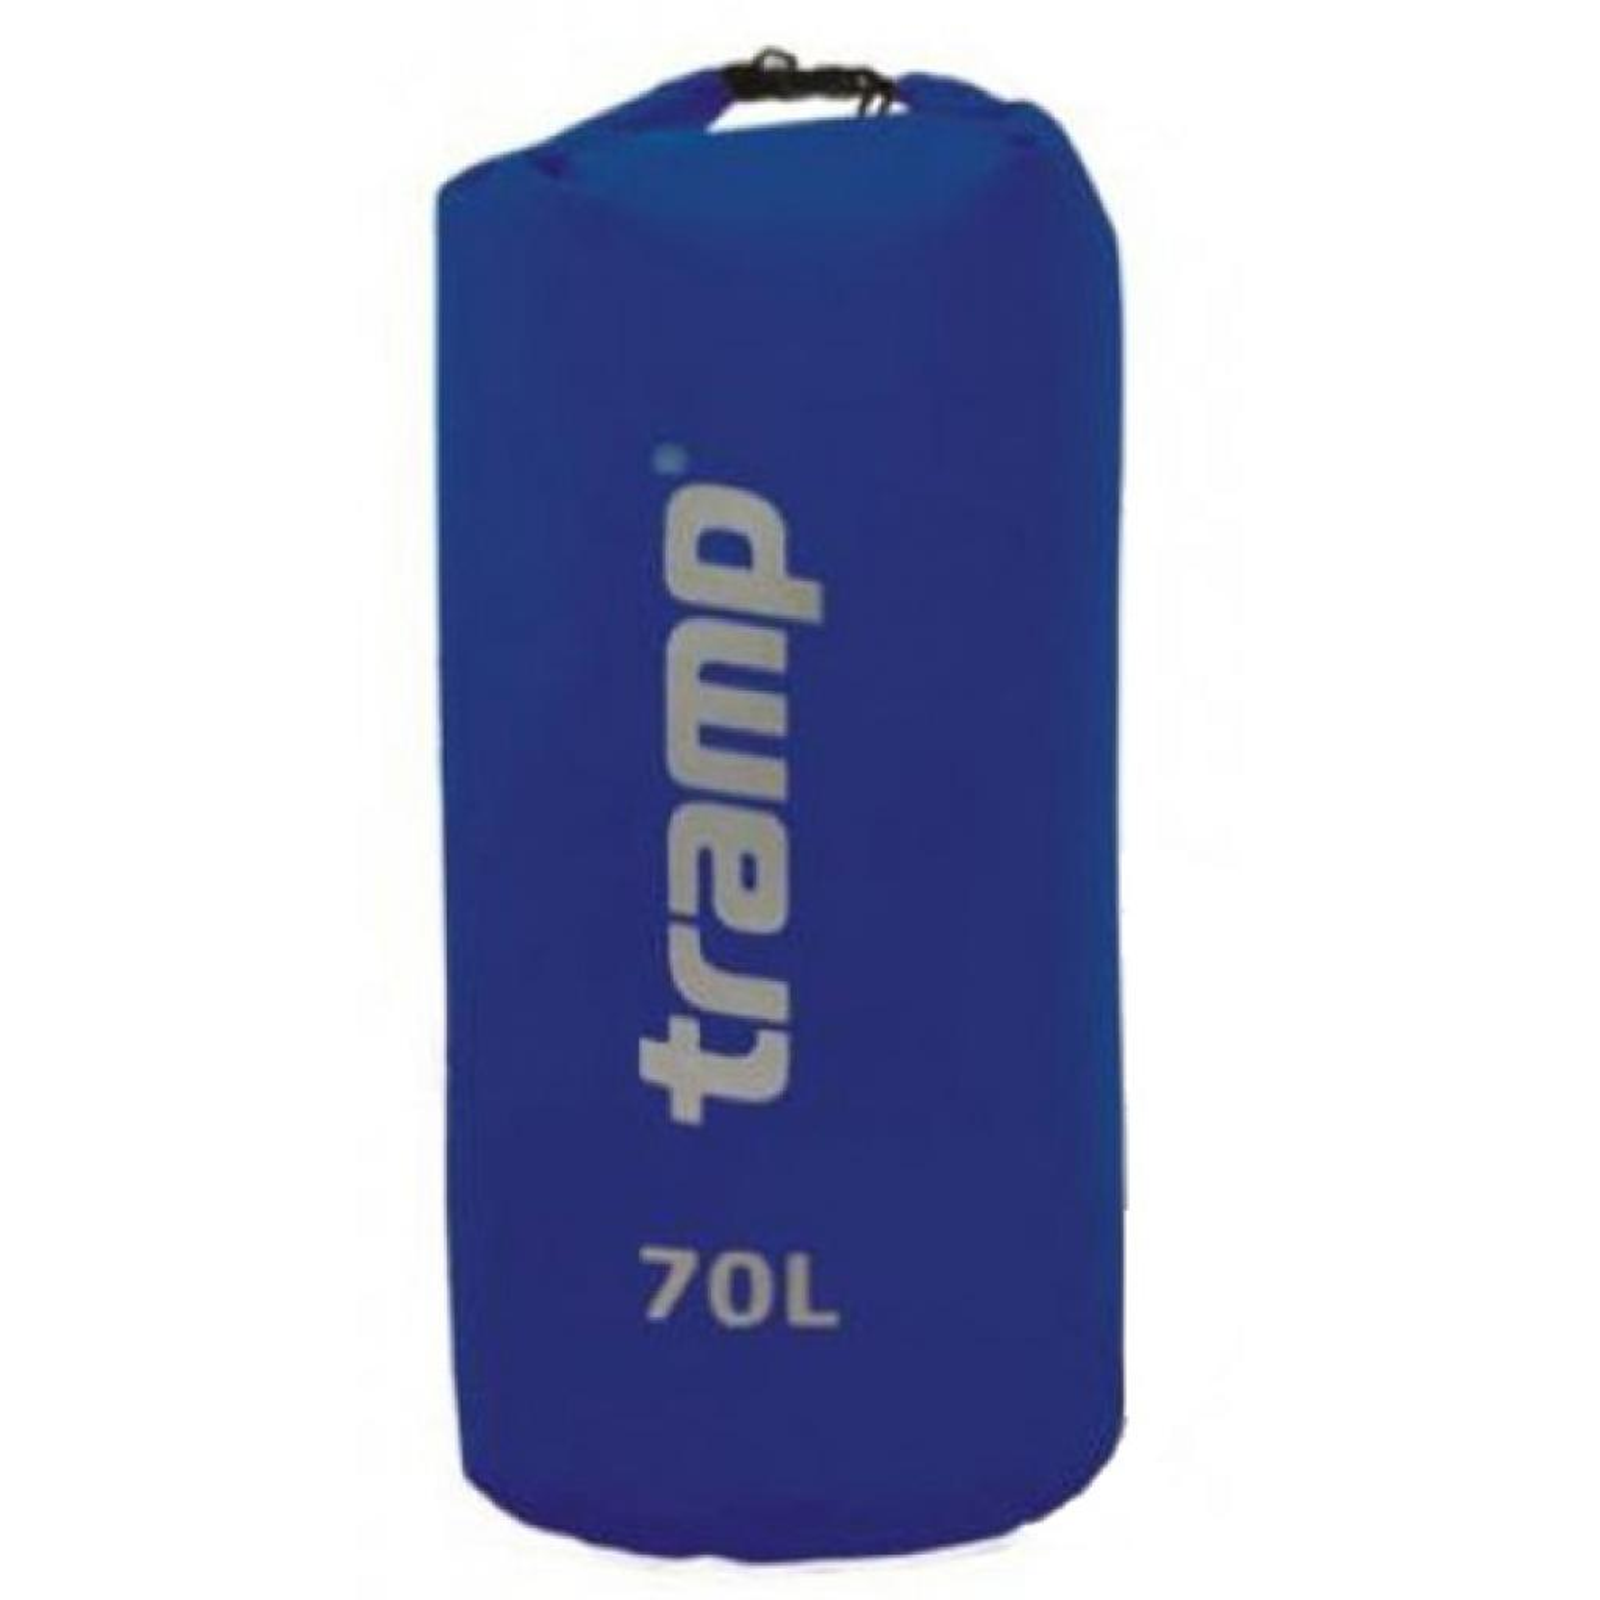 Гермомешок Tramp PVC 70 л синий (TRA-069-blue)